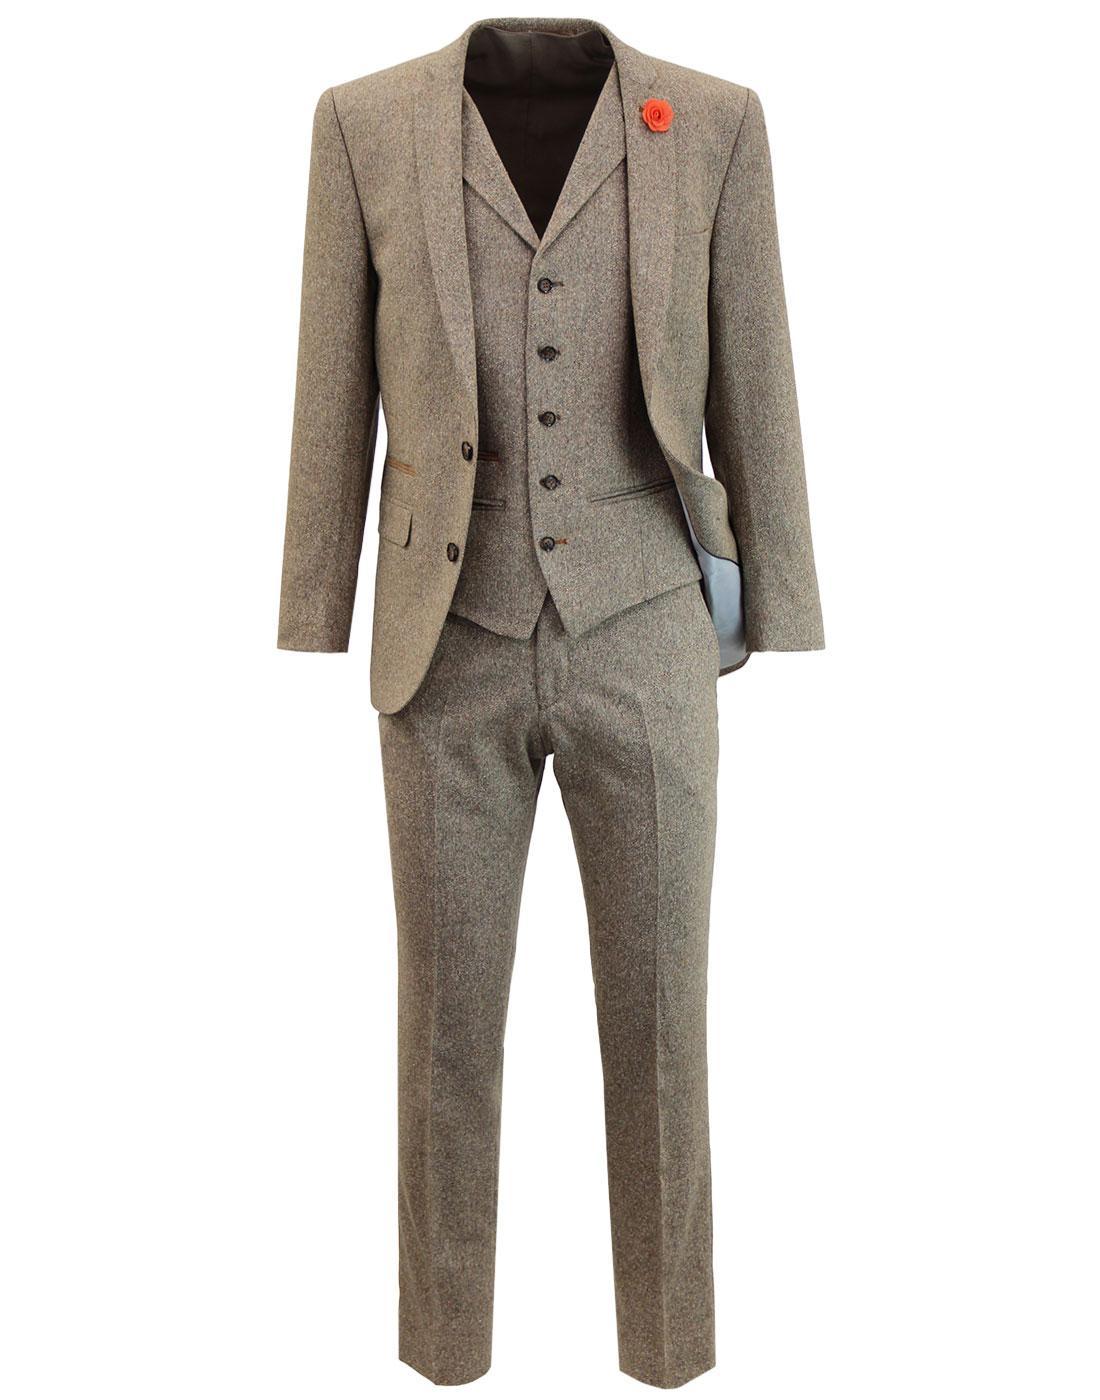 Men's 60s Mod Donegal Fleck 2 Button Suit -Biscuit